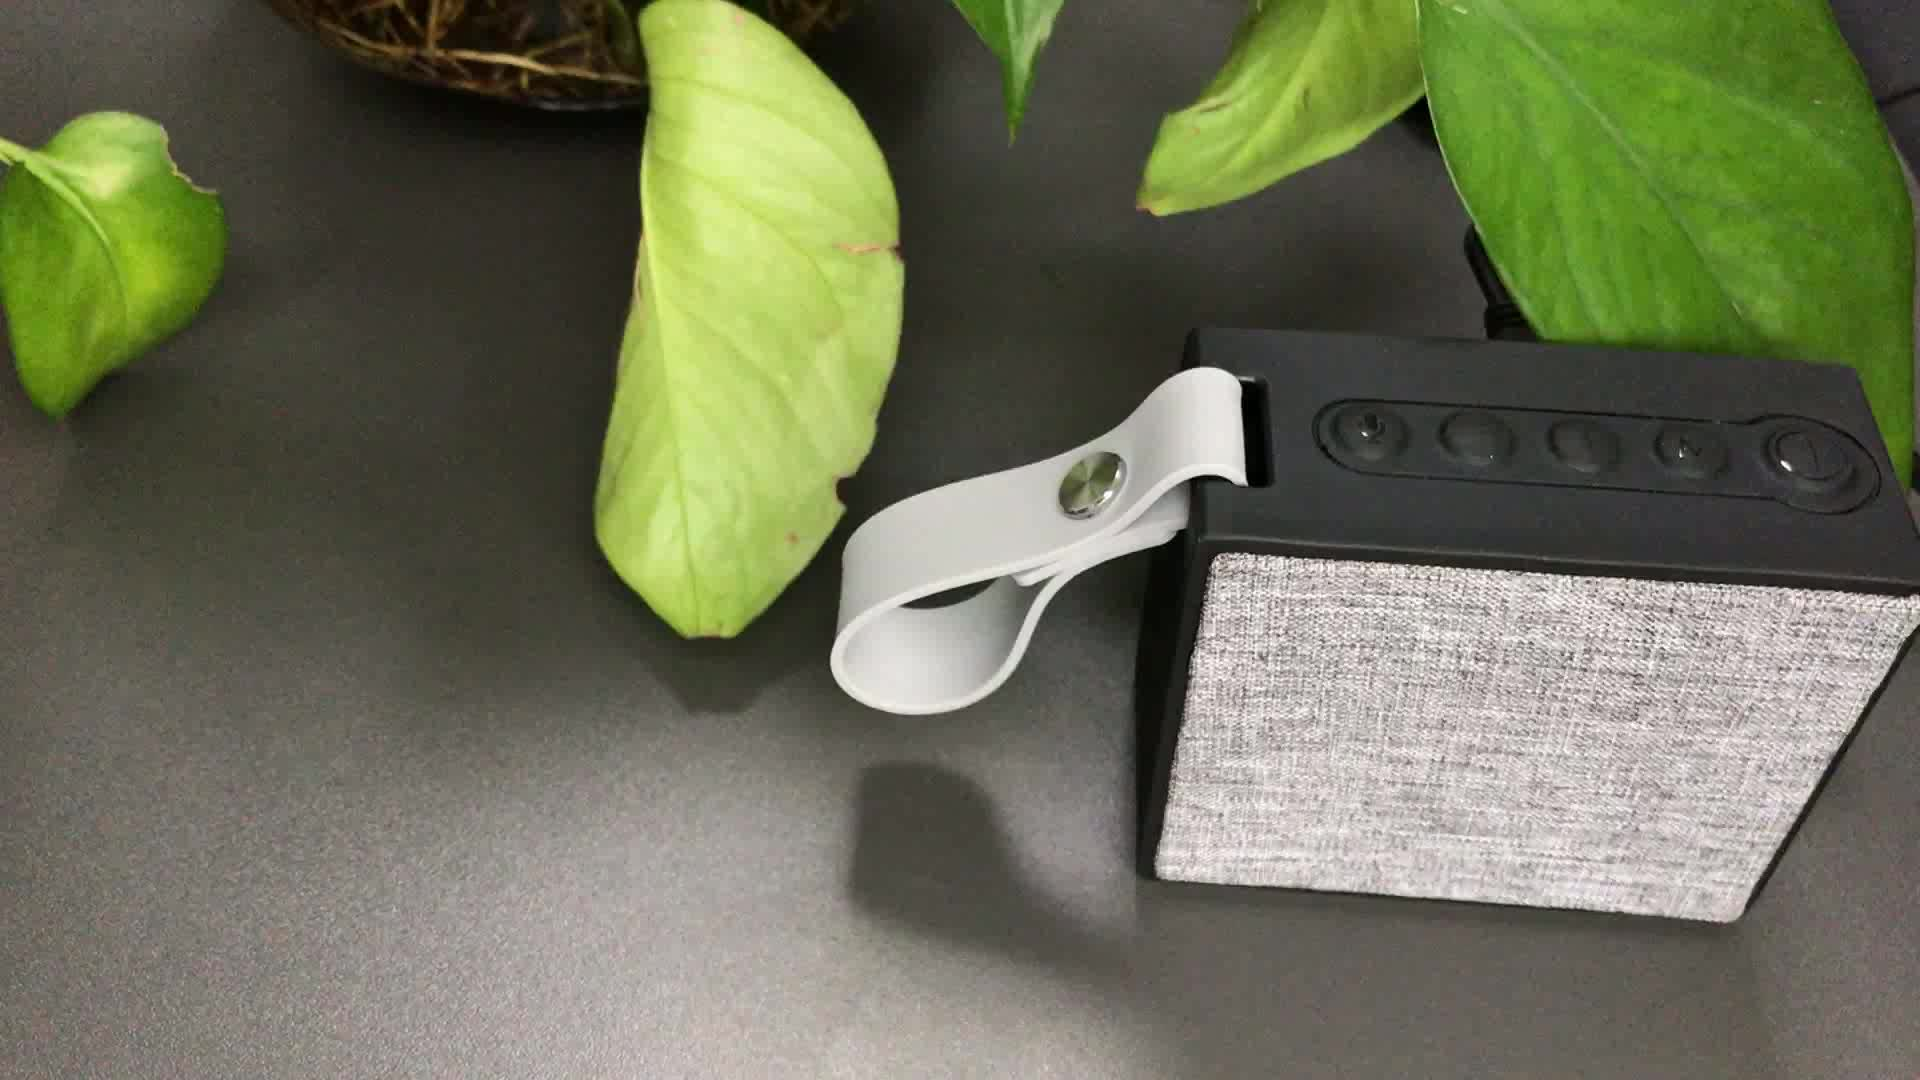 Eson estilo X9s Alexa altavoz inalámbrico controlado por voz altavoz IP67